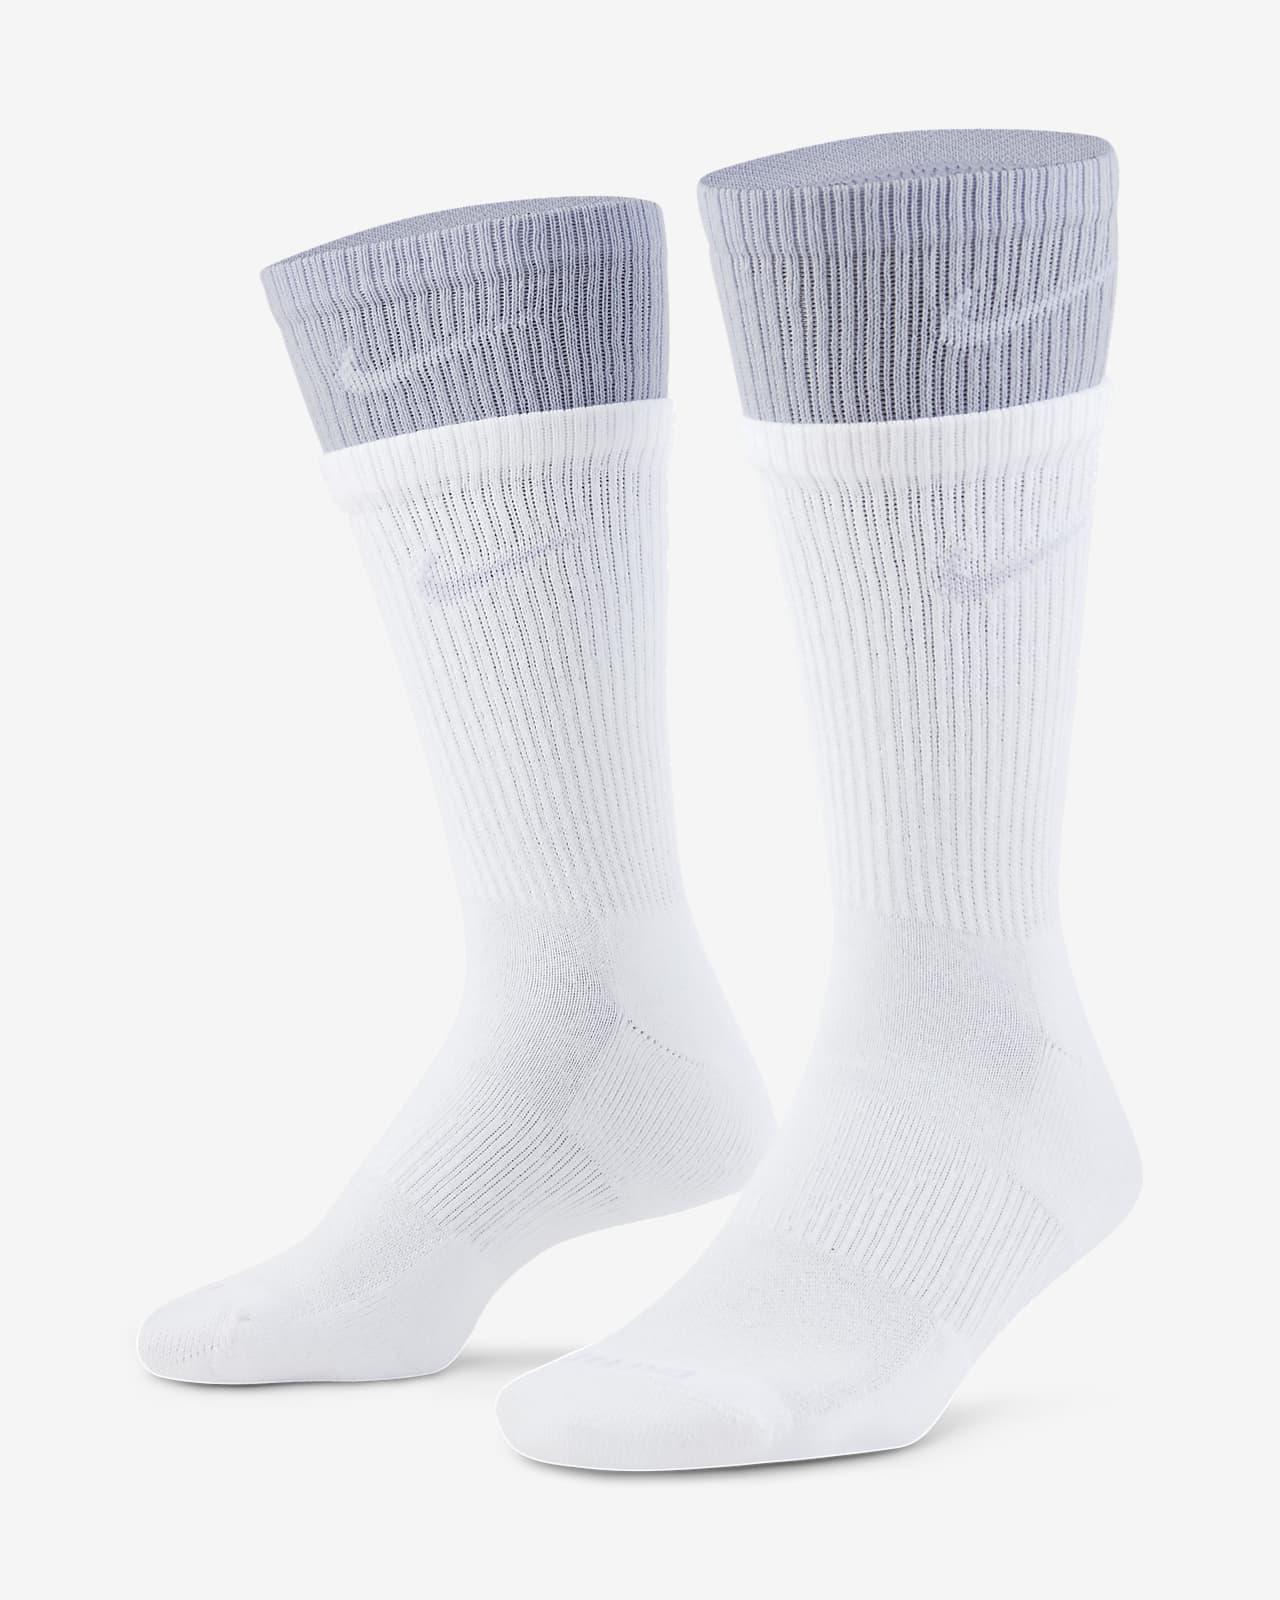 ถุงเท้าเทรนนิ่งข้อยาว Nike Everyday Plus Cushioned